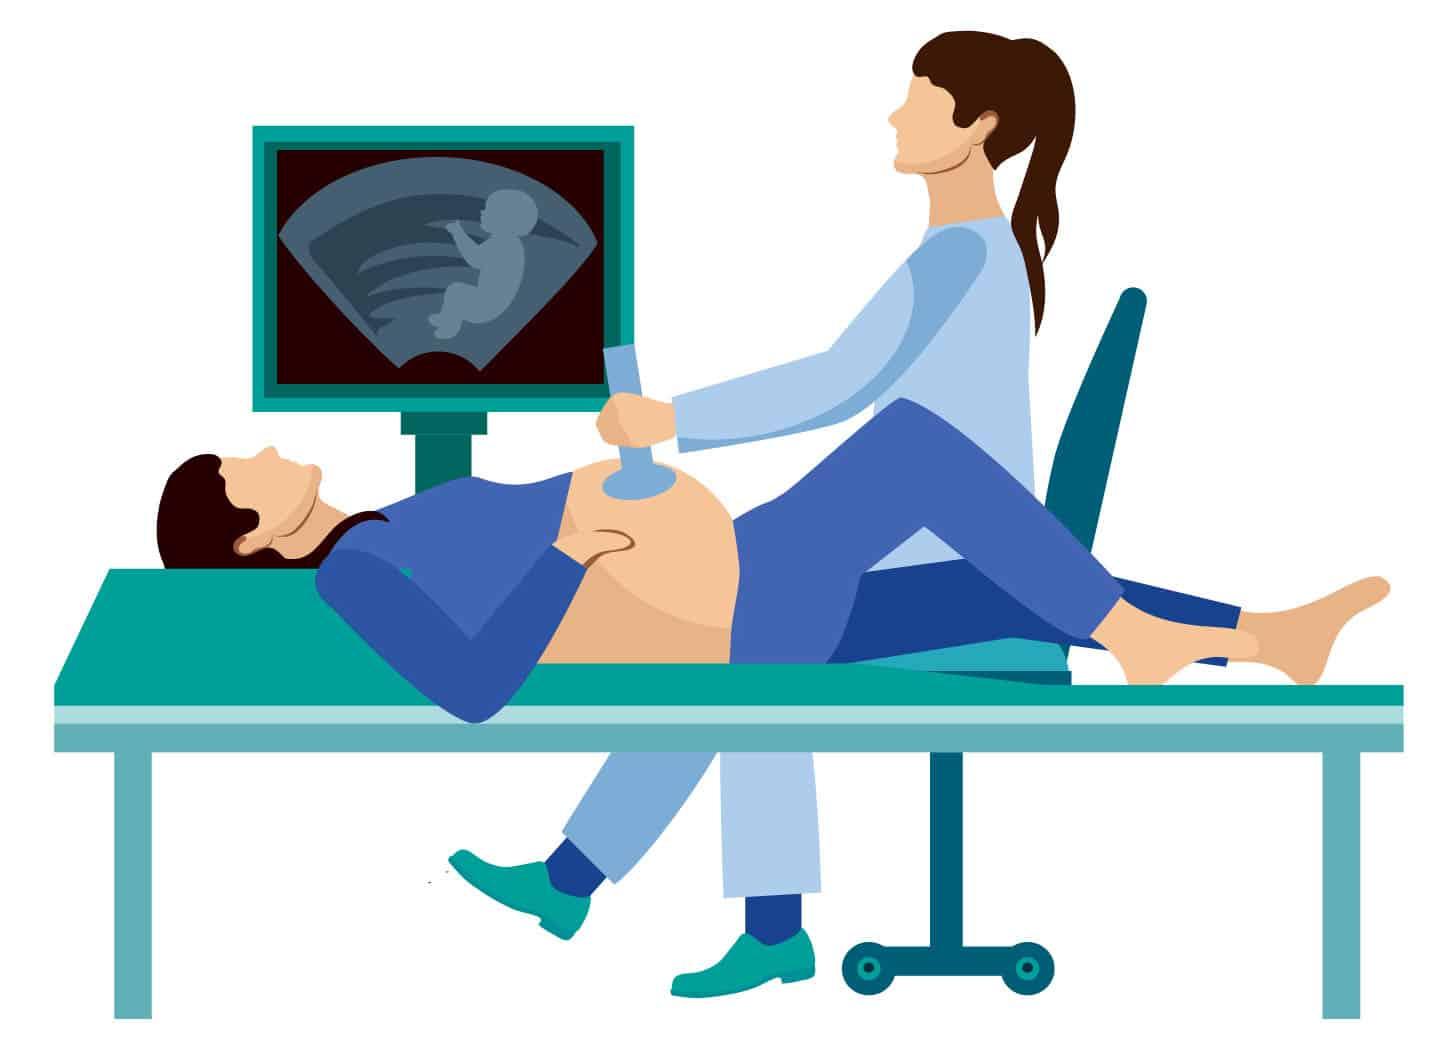 איור של אחות עושה אולטרסאונד לאישה בהריון מתקדם